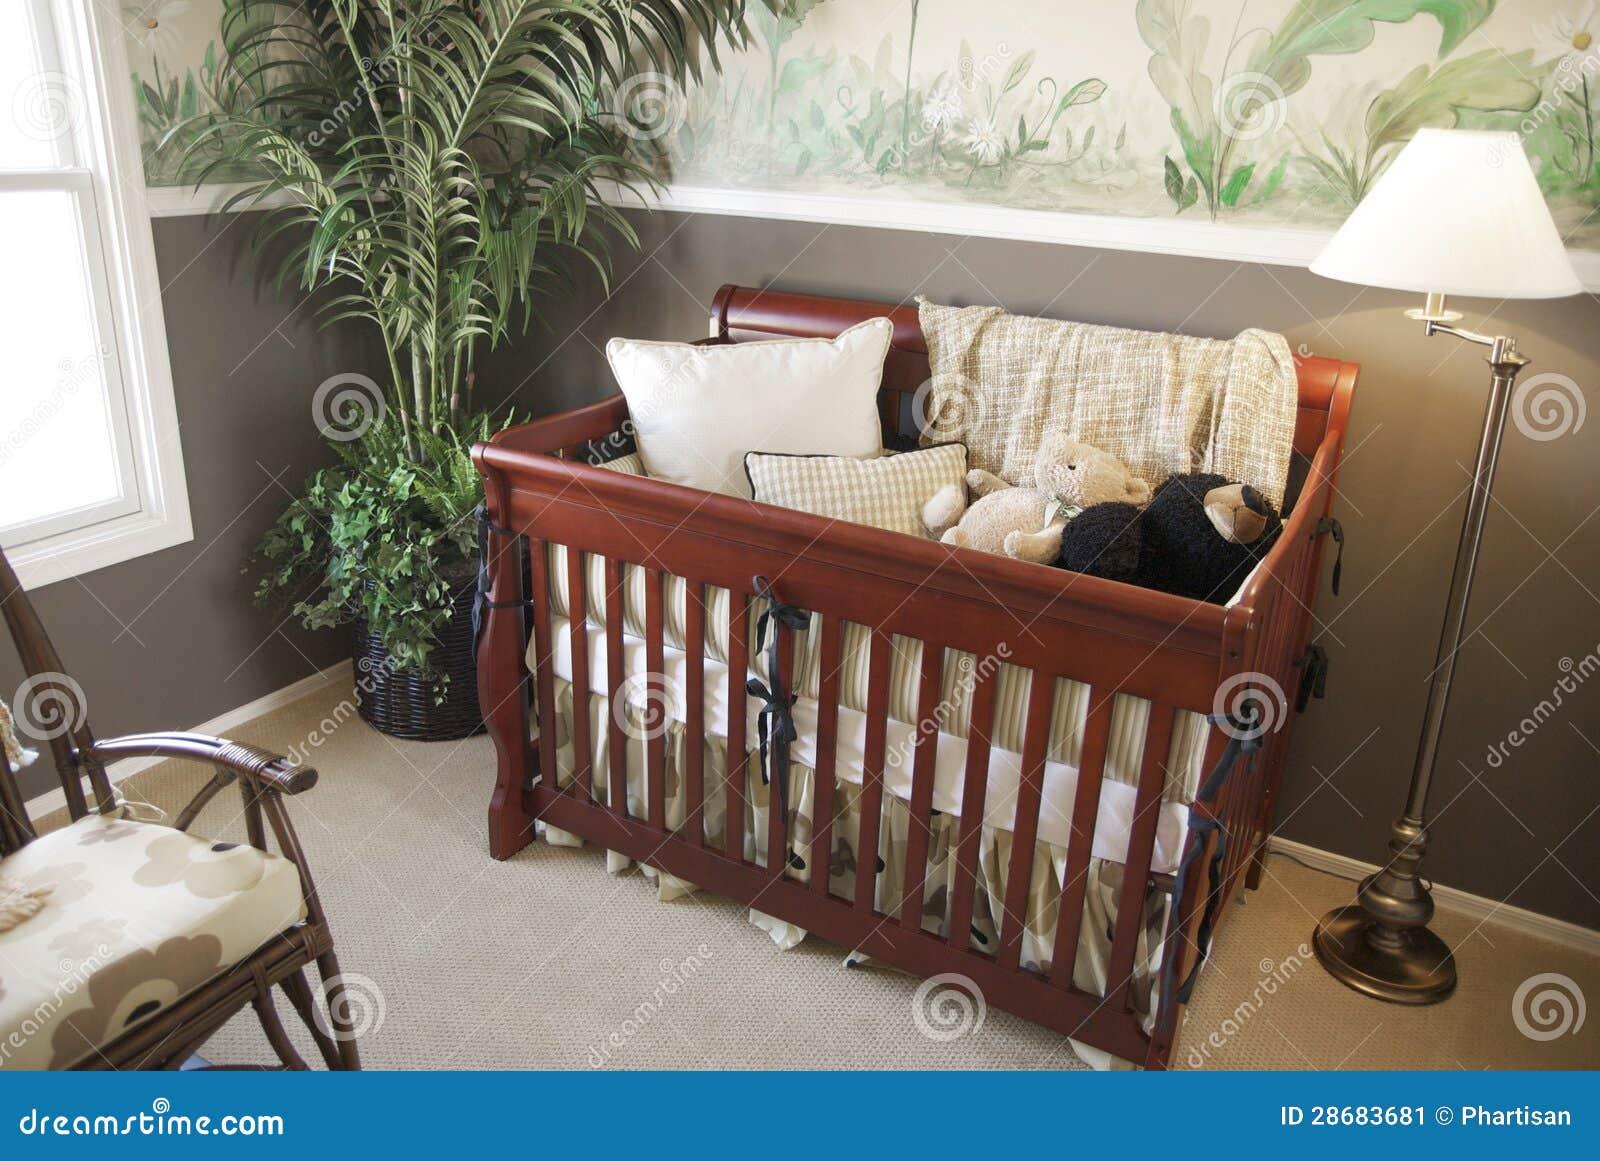 Dormitorio Brillante Con Muebles De Madera De La Cereza Imagen de ...